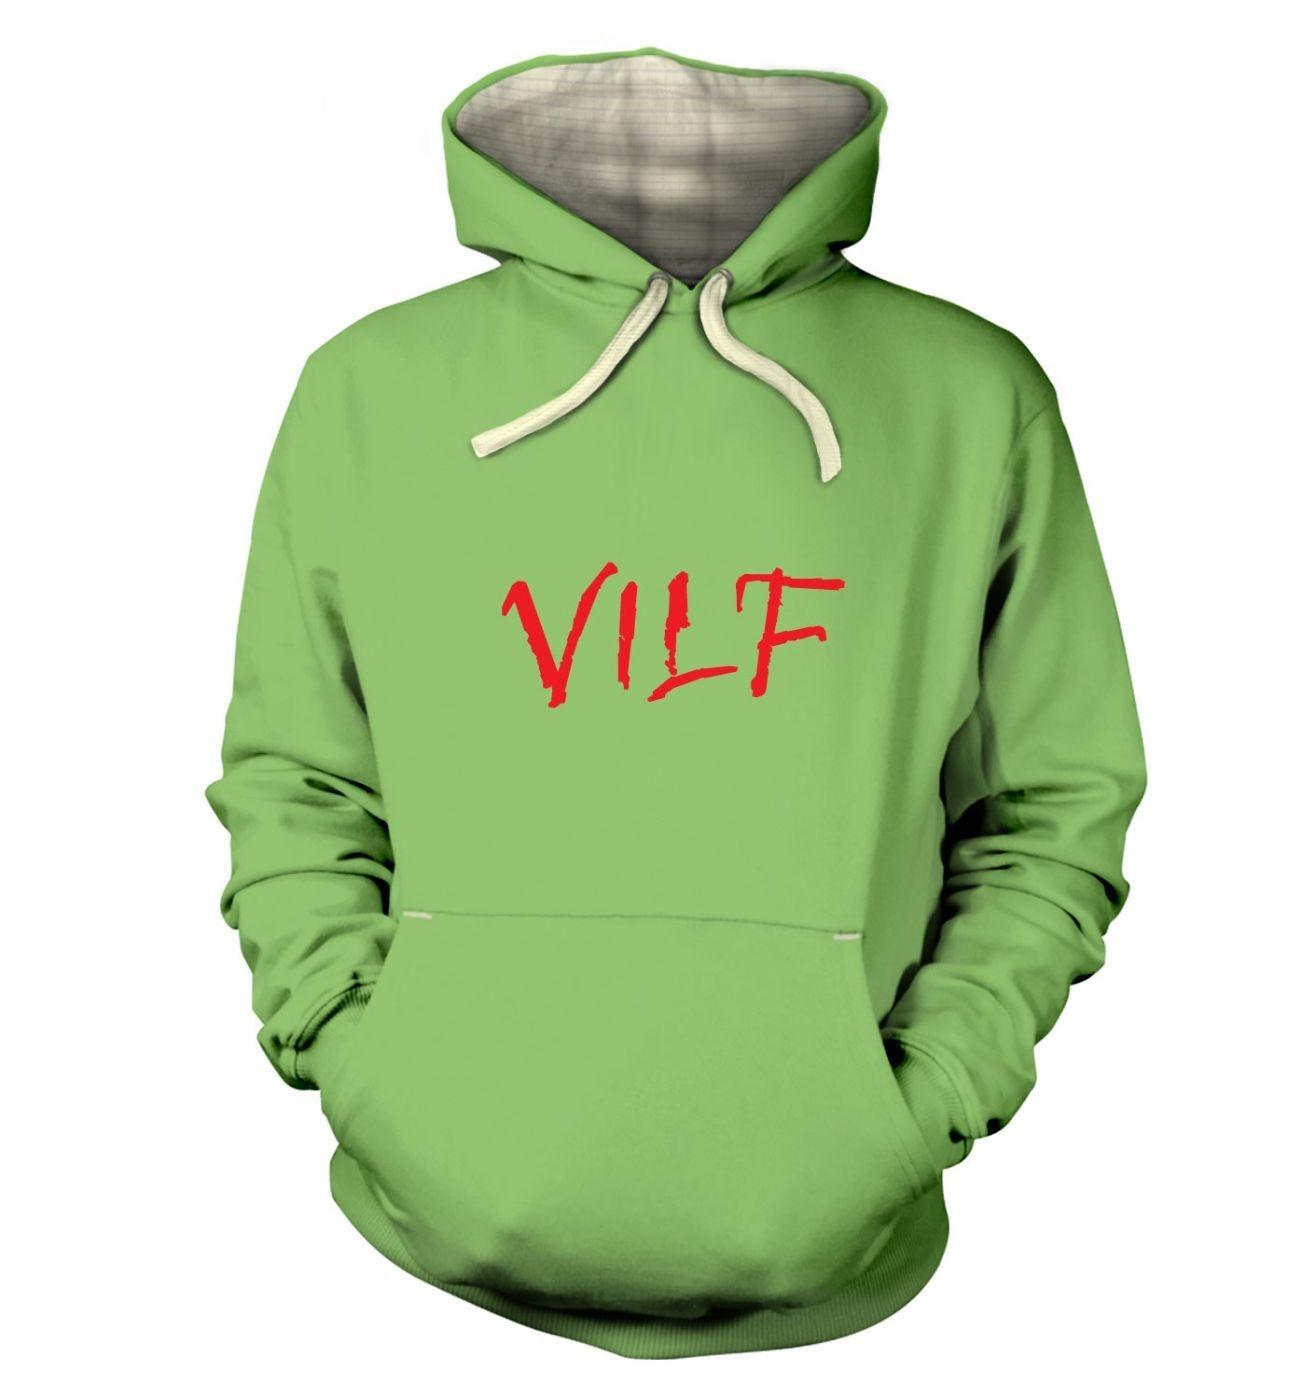 VILF premium hoodie